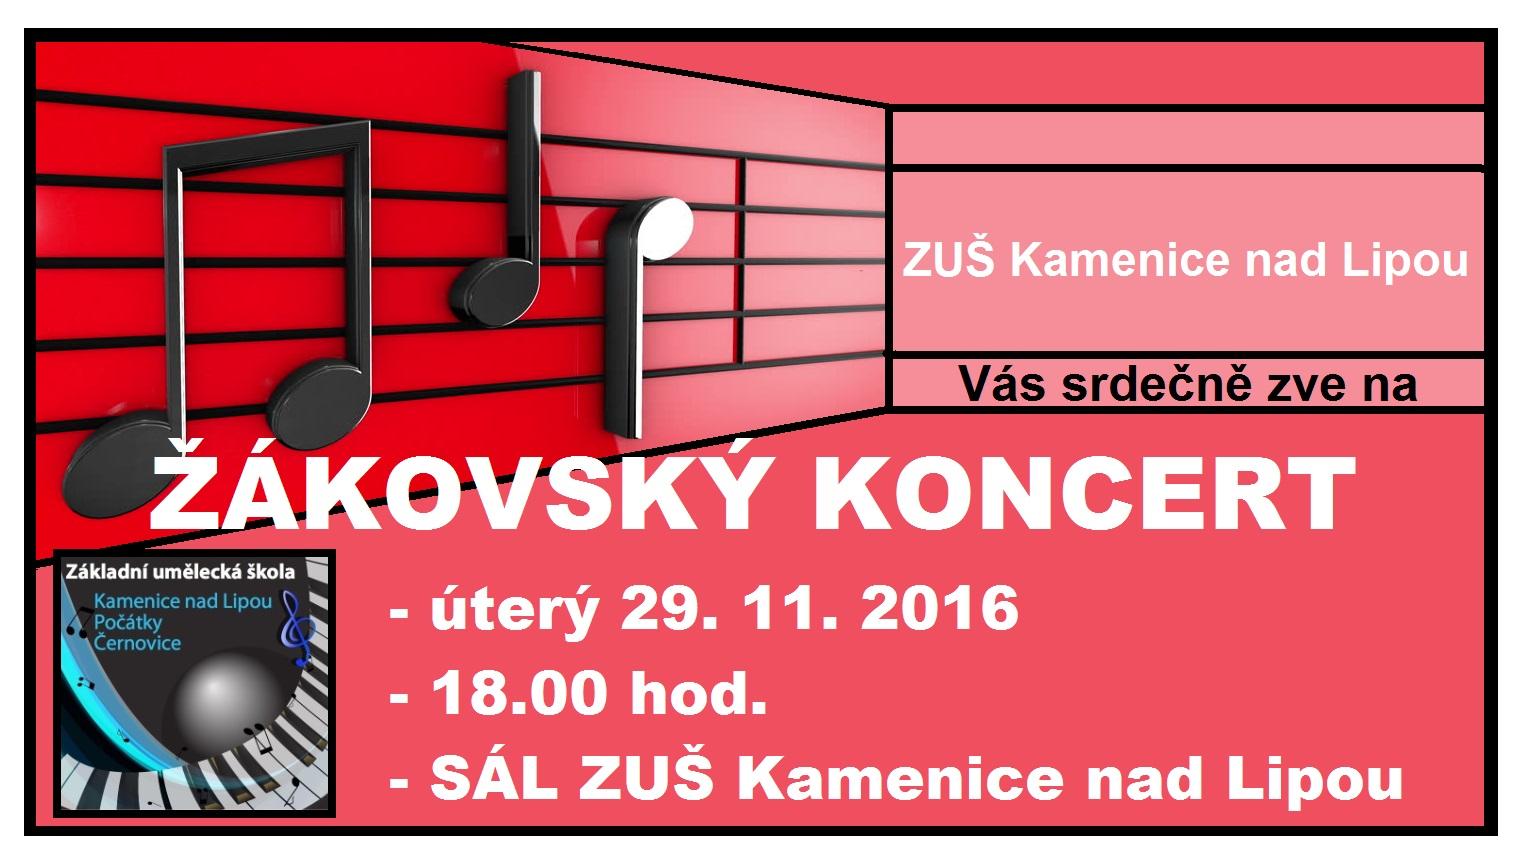 29. 11. 2016 - ŽÁKOVSKÝ KONCERT Kamenice nad Lipou